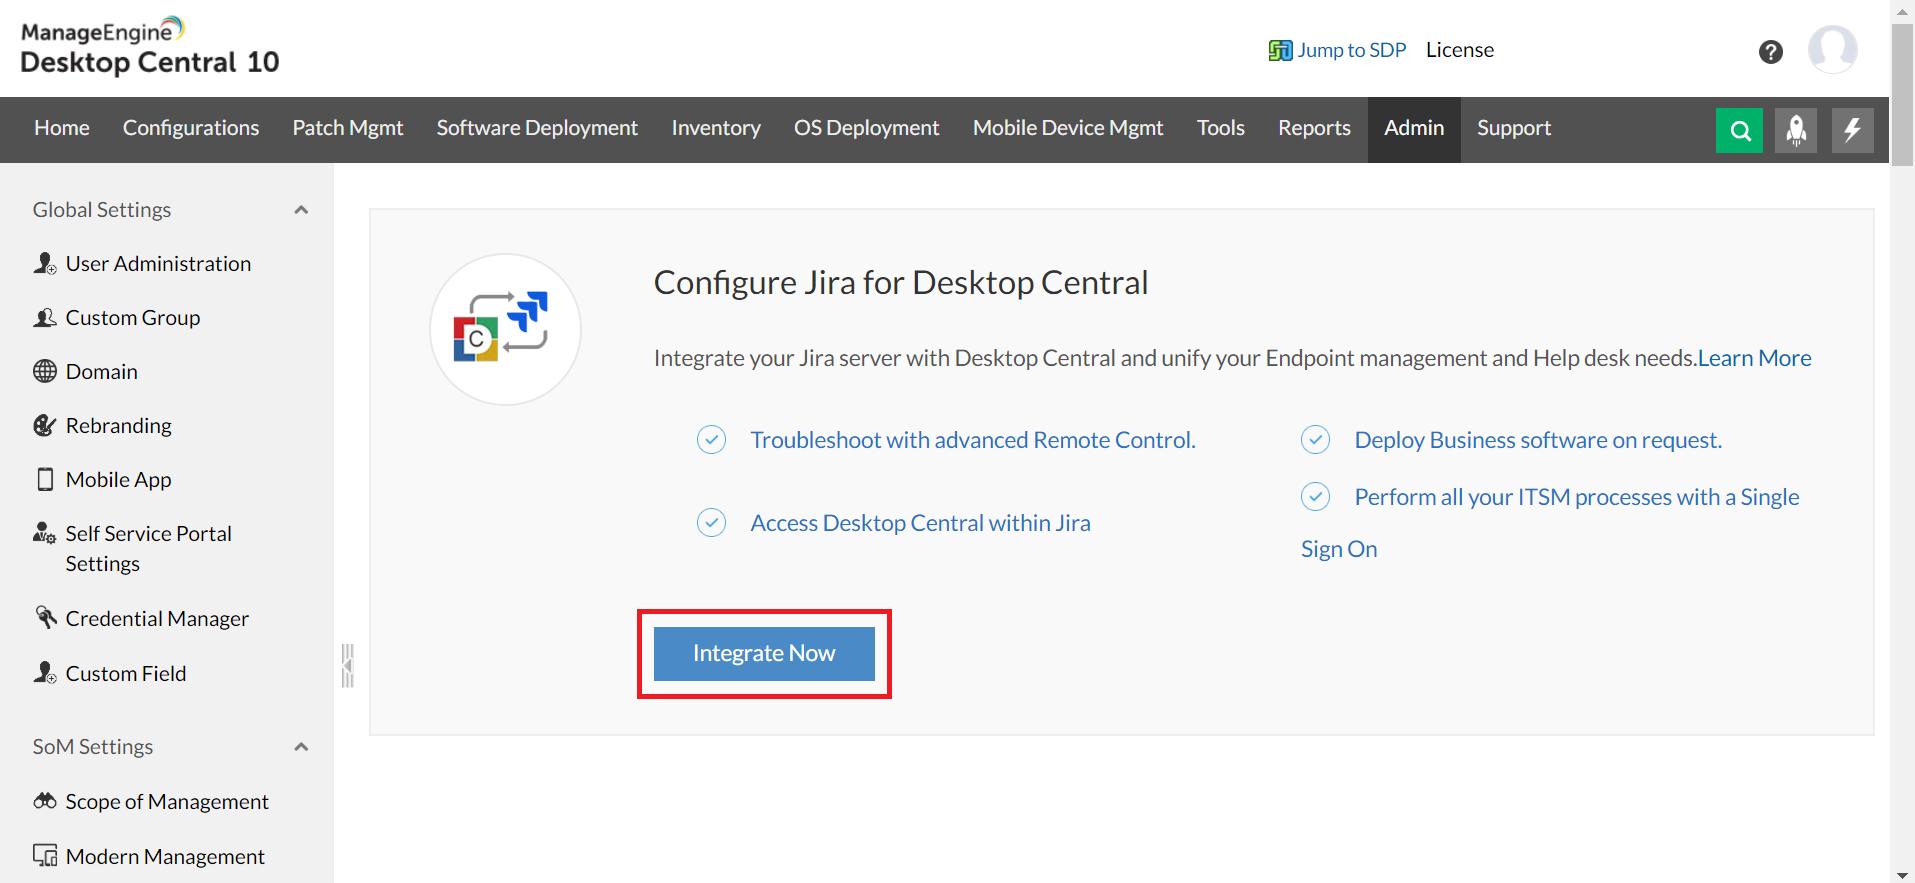 Configuracion jira para ManageEngine Desktop Central